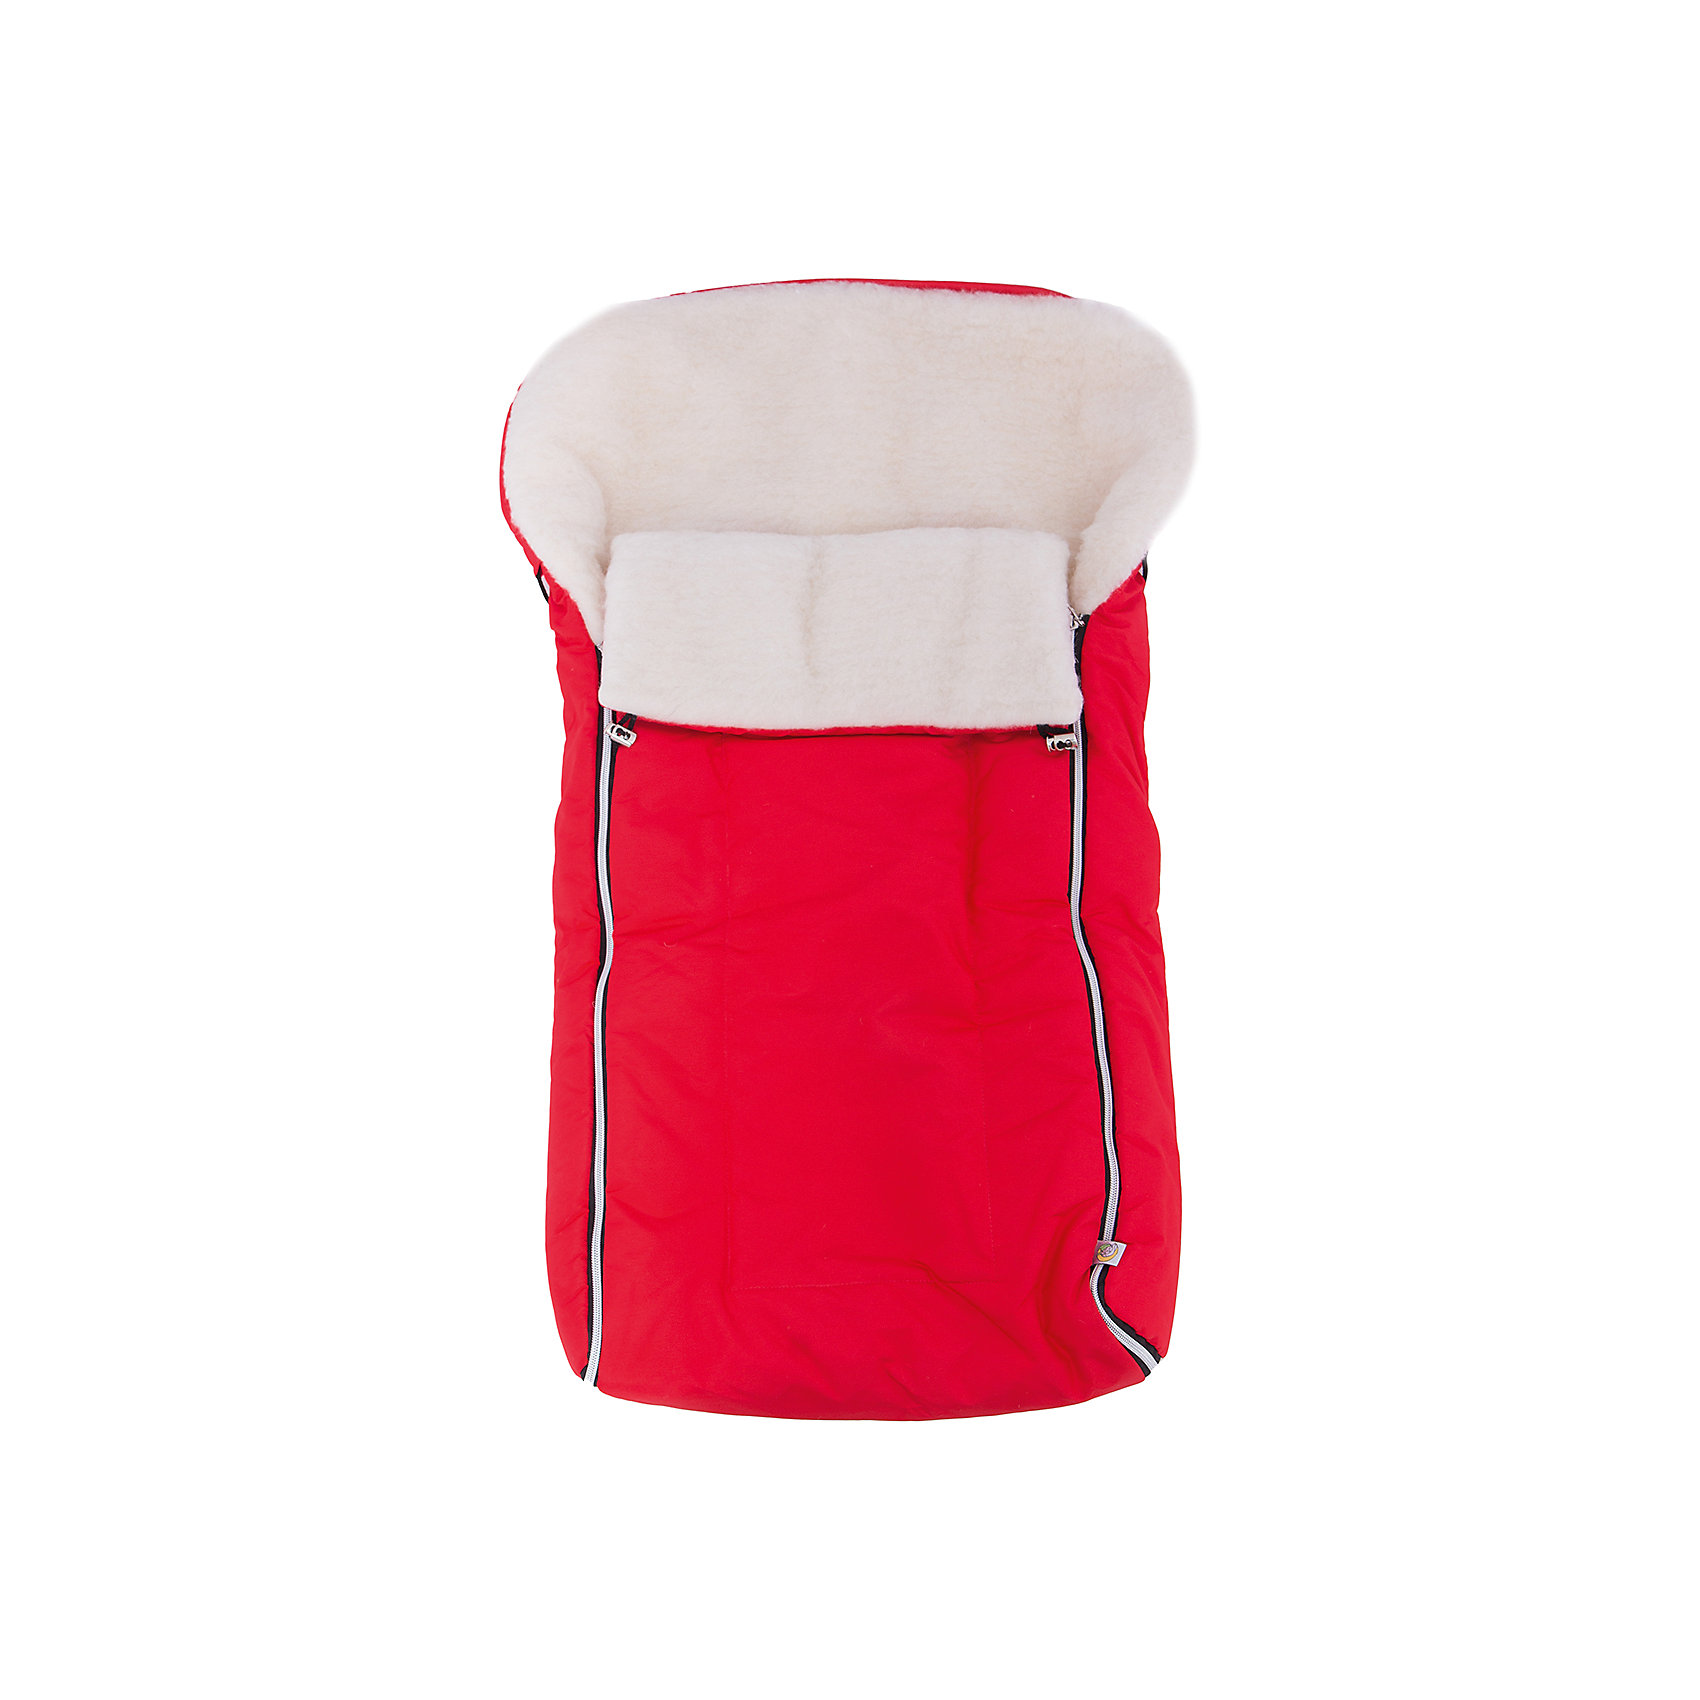 Сонный гномик Конверт в коляску Норд, Сонный гномик, красный